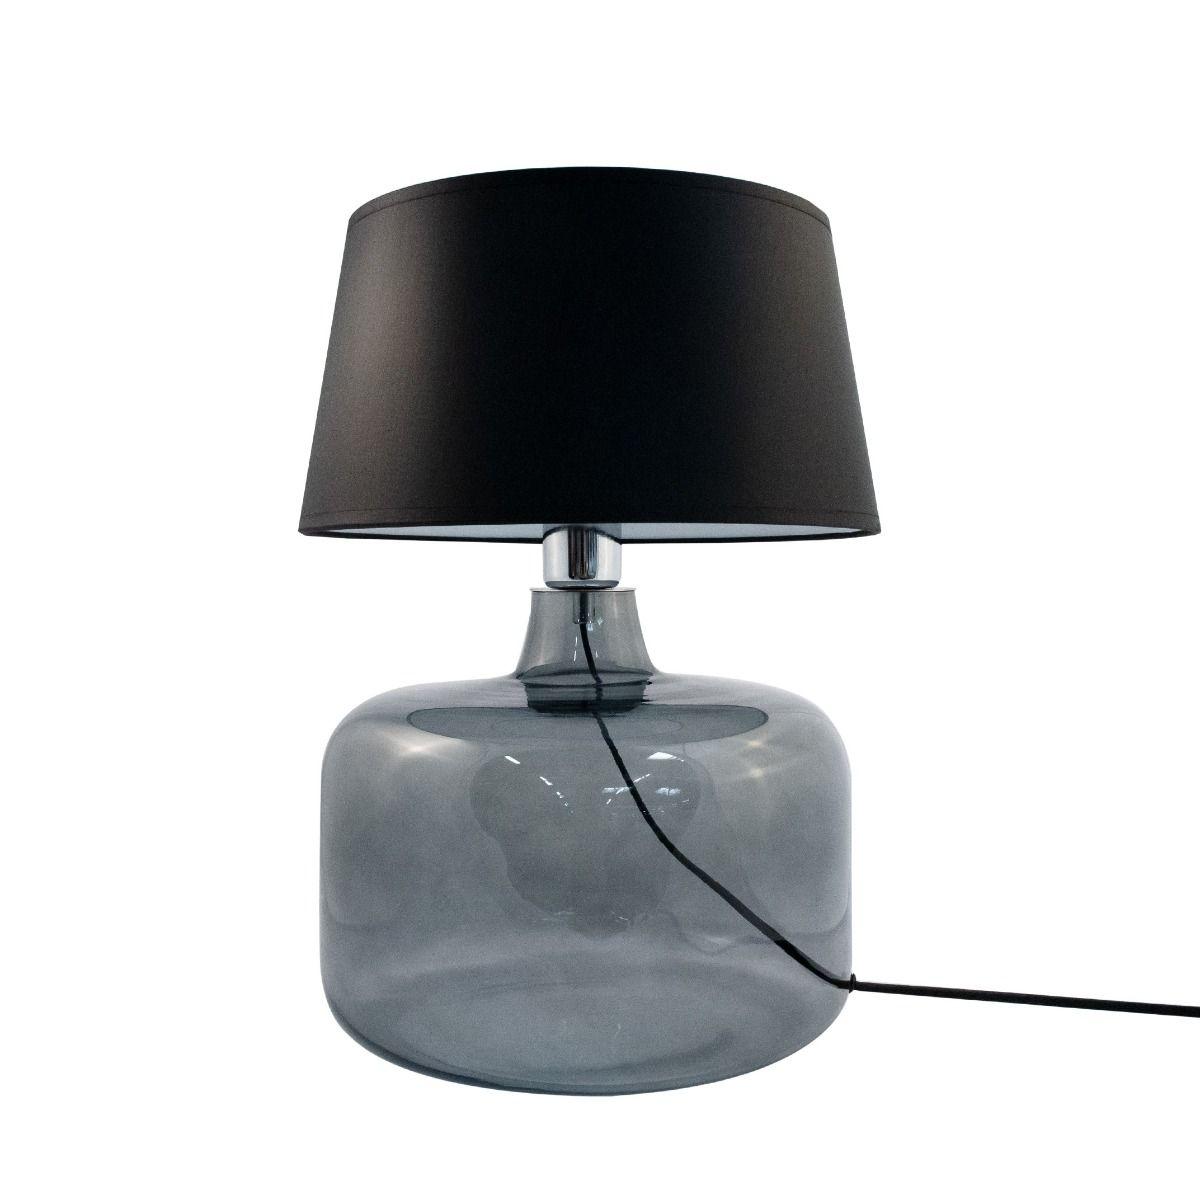 Настолна лампа Batumi, черна